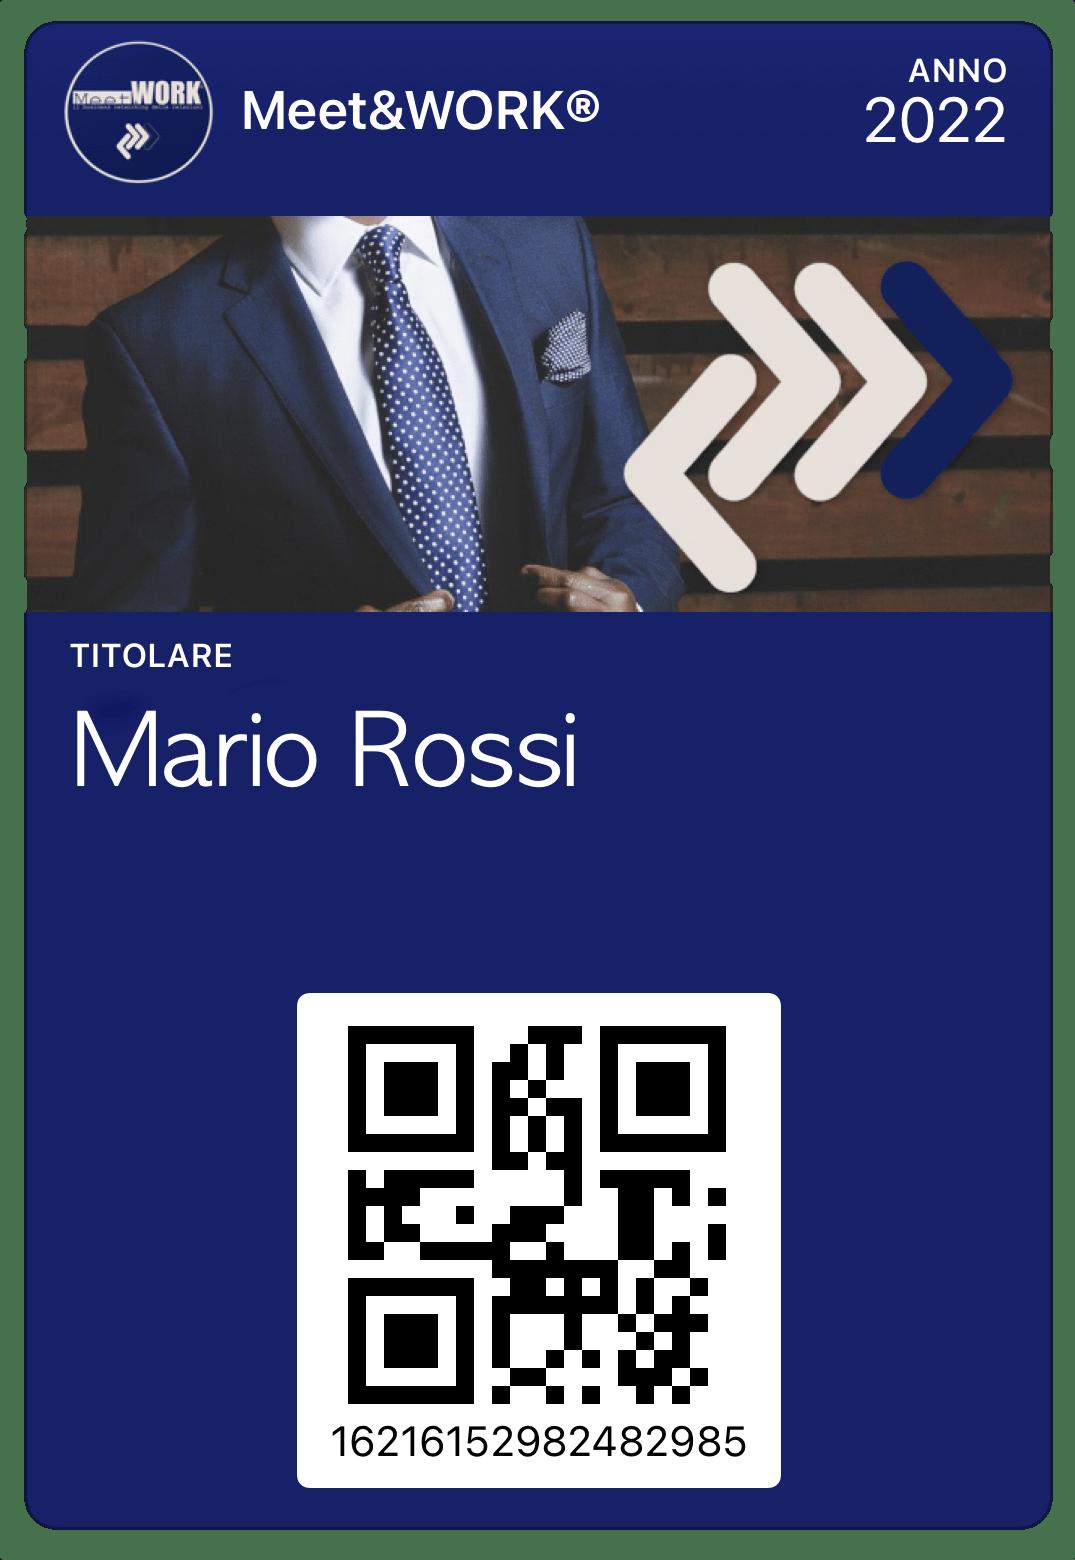 meet&work_card_wallyfor